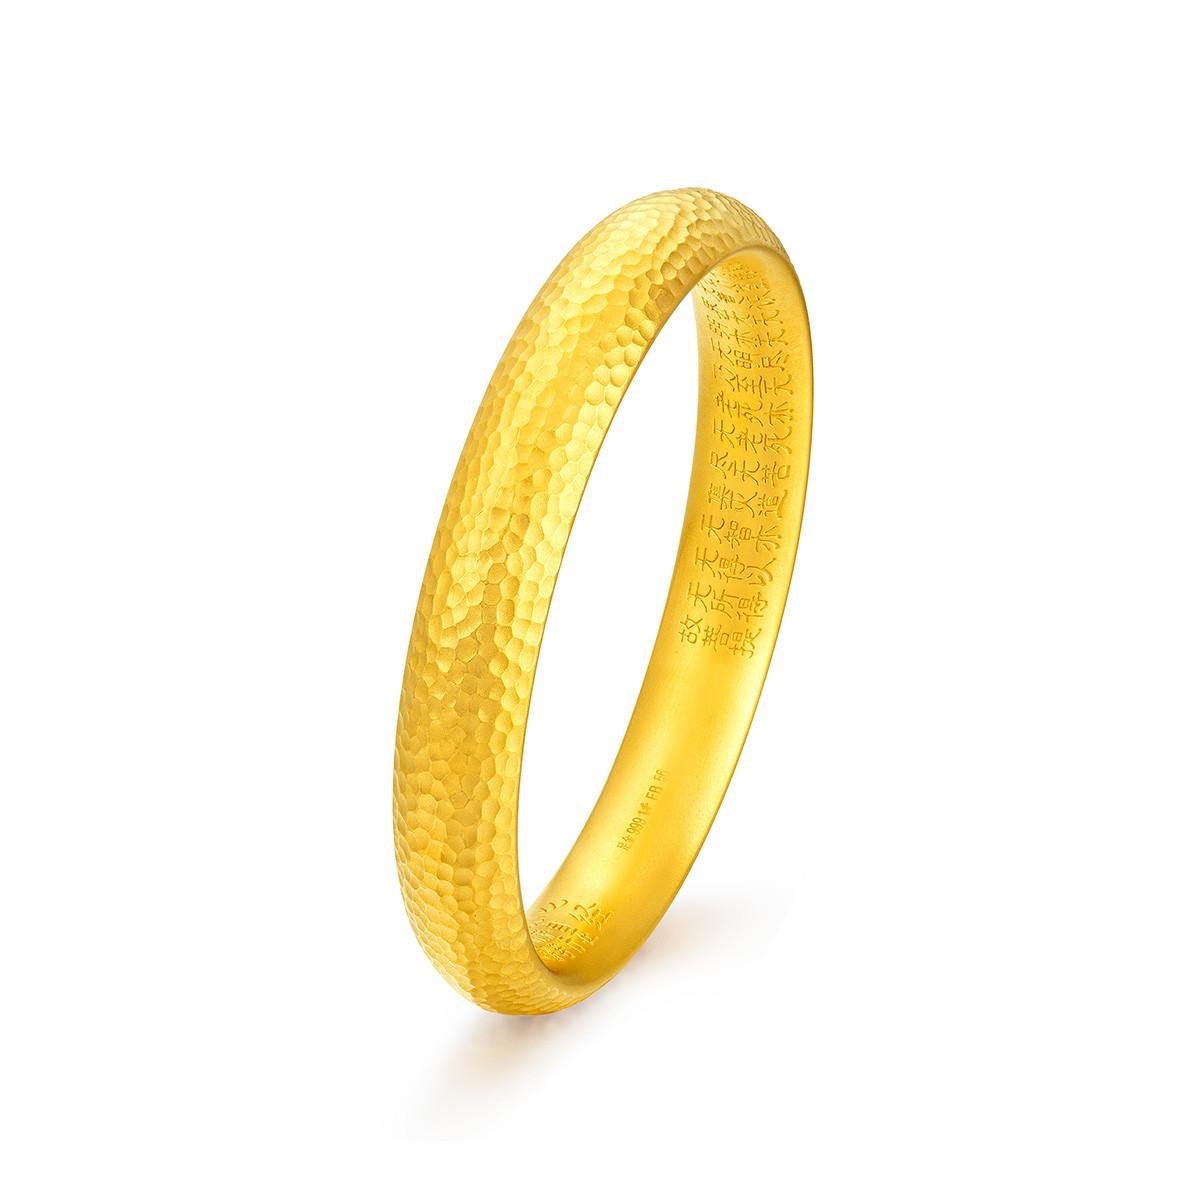 六福珠宝六福珠宝黄金手镯古醇金系列锤纹金镯子足金手镯新款计价FBG10020